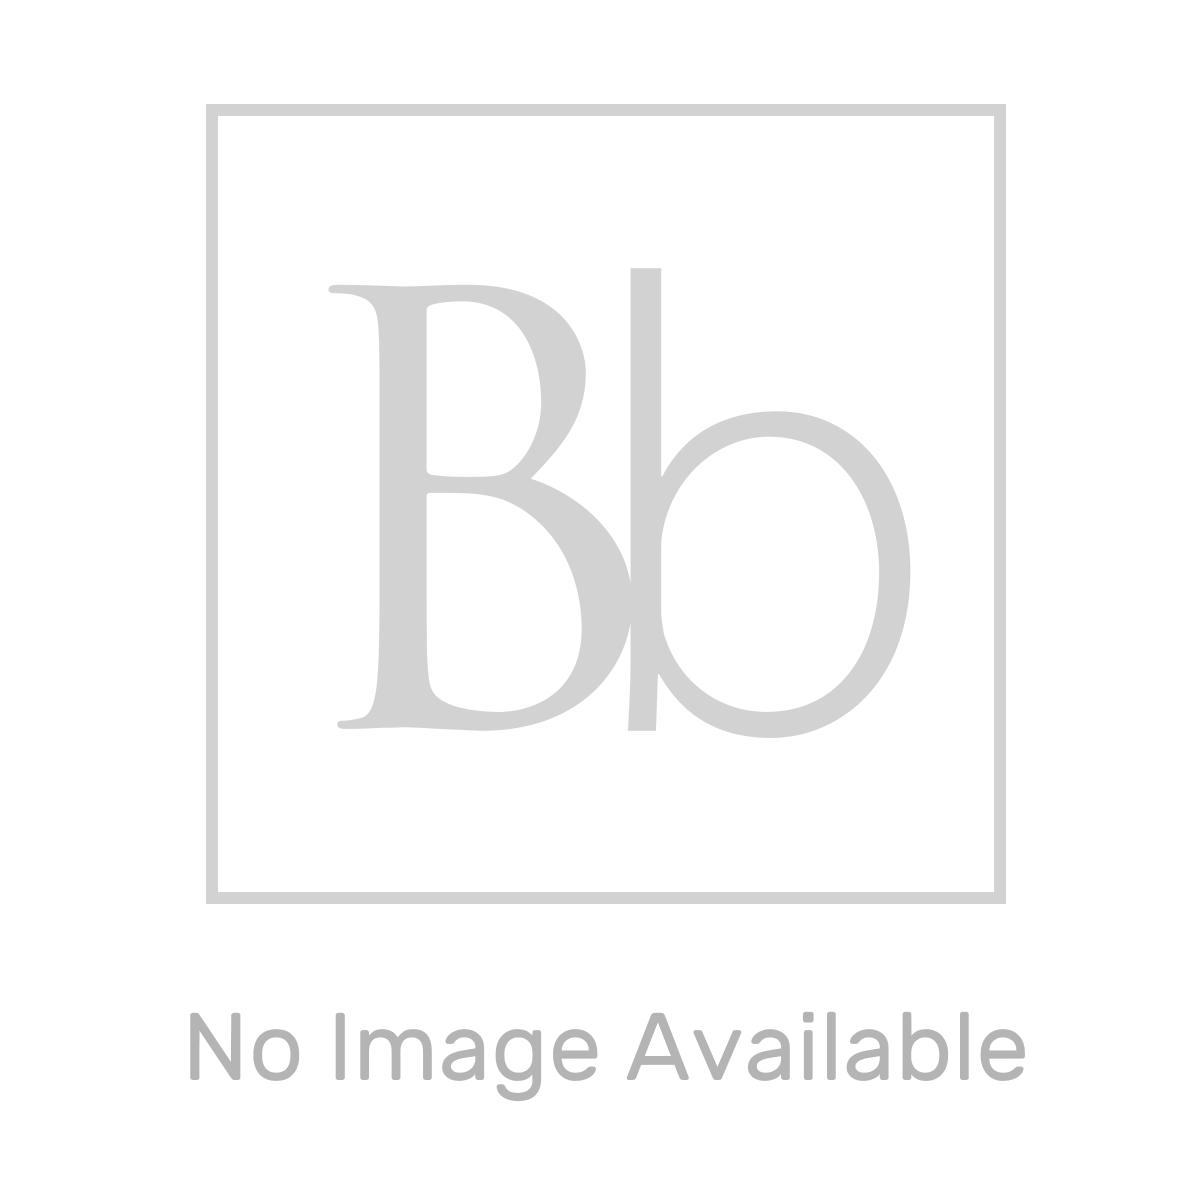 Nuie Athena Gloss Grey 2 Door Floor Standing Unit  600mm with Minimalist Basin